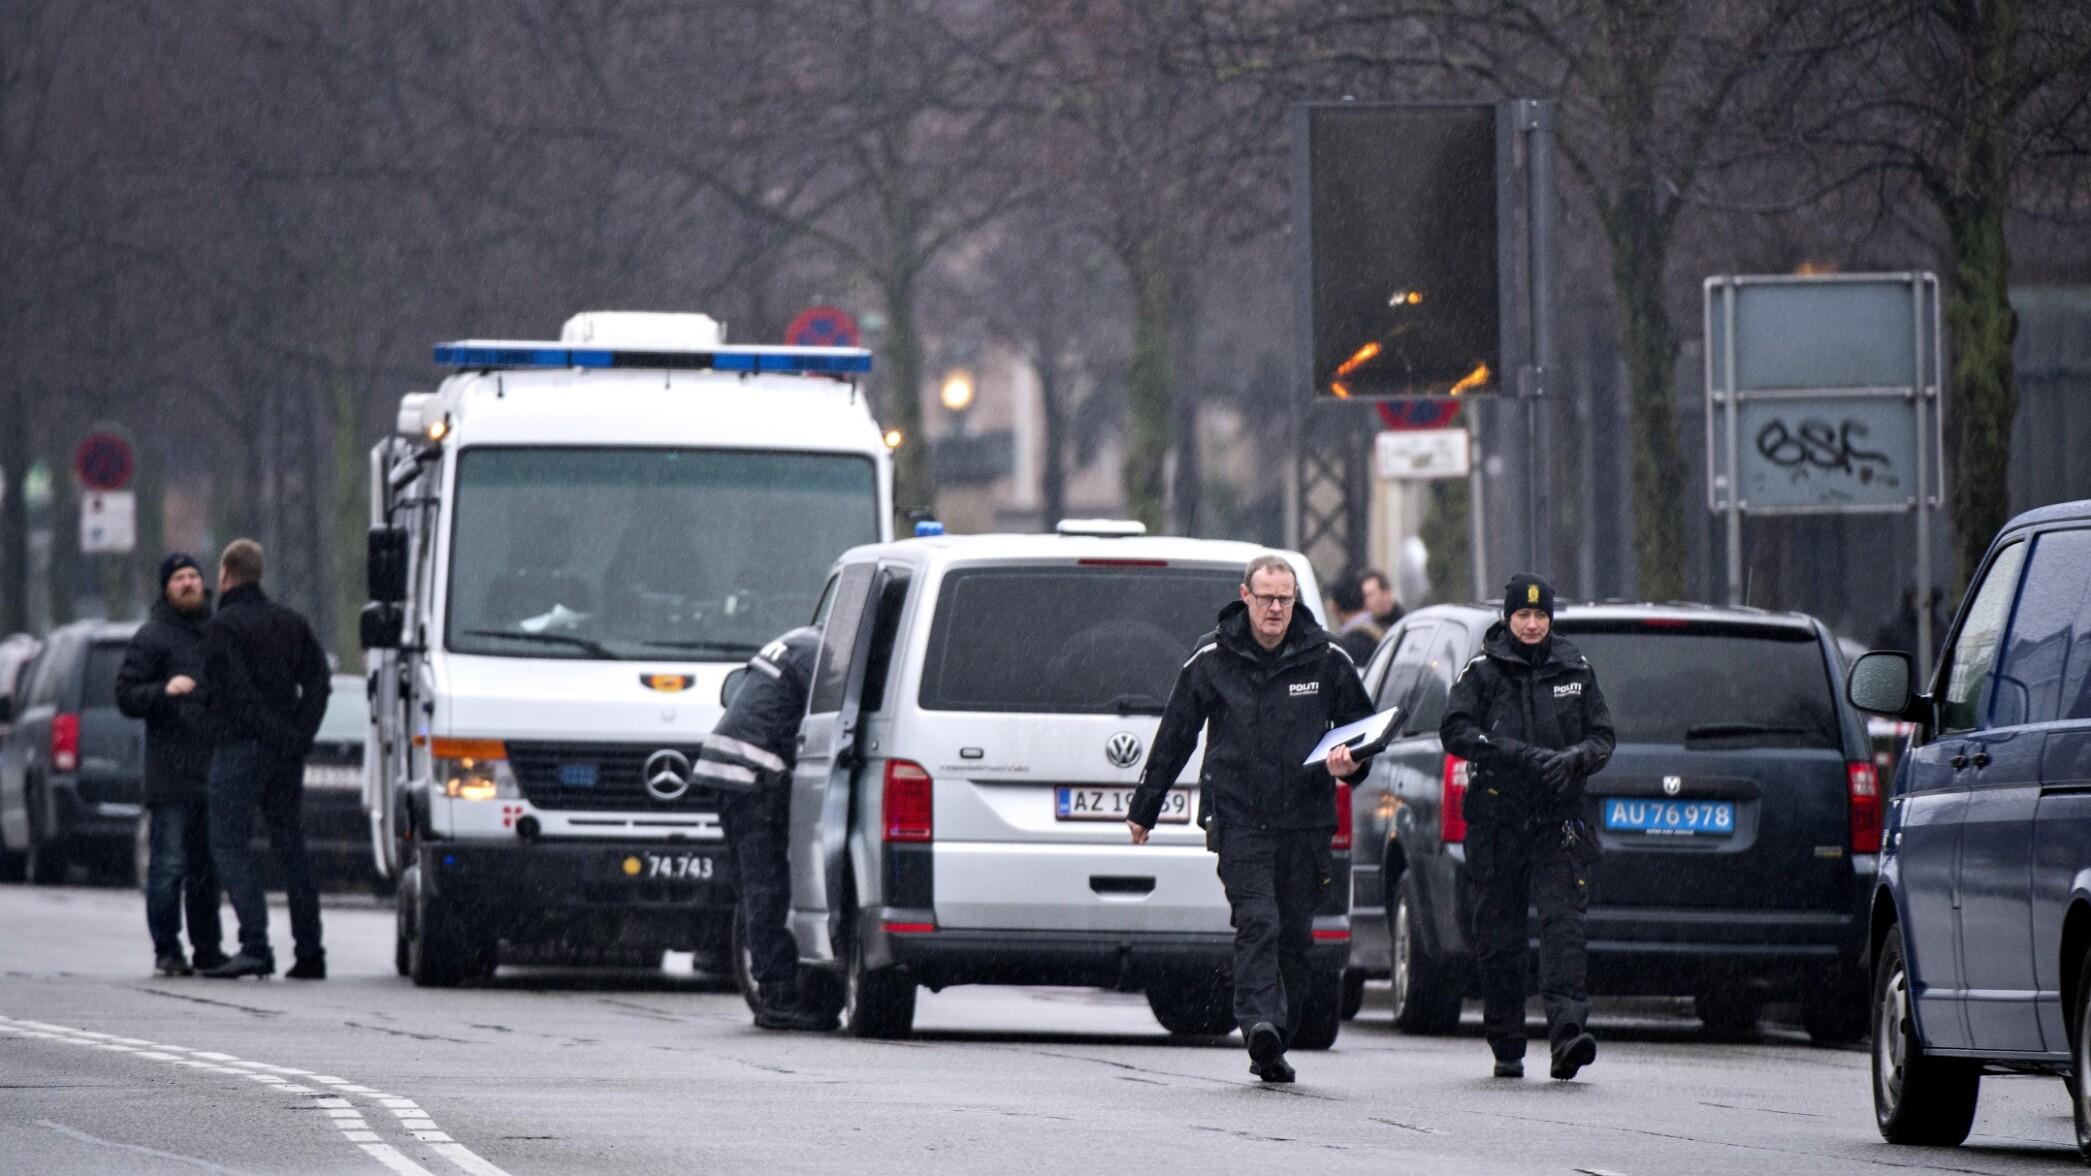 Politiet undersøgte 'mistænkeligt forhold' ved USA's ambassade i København | Indland | DR